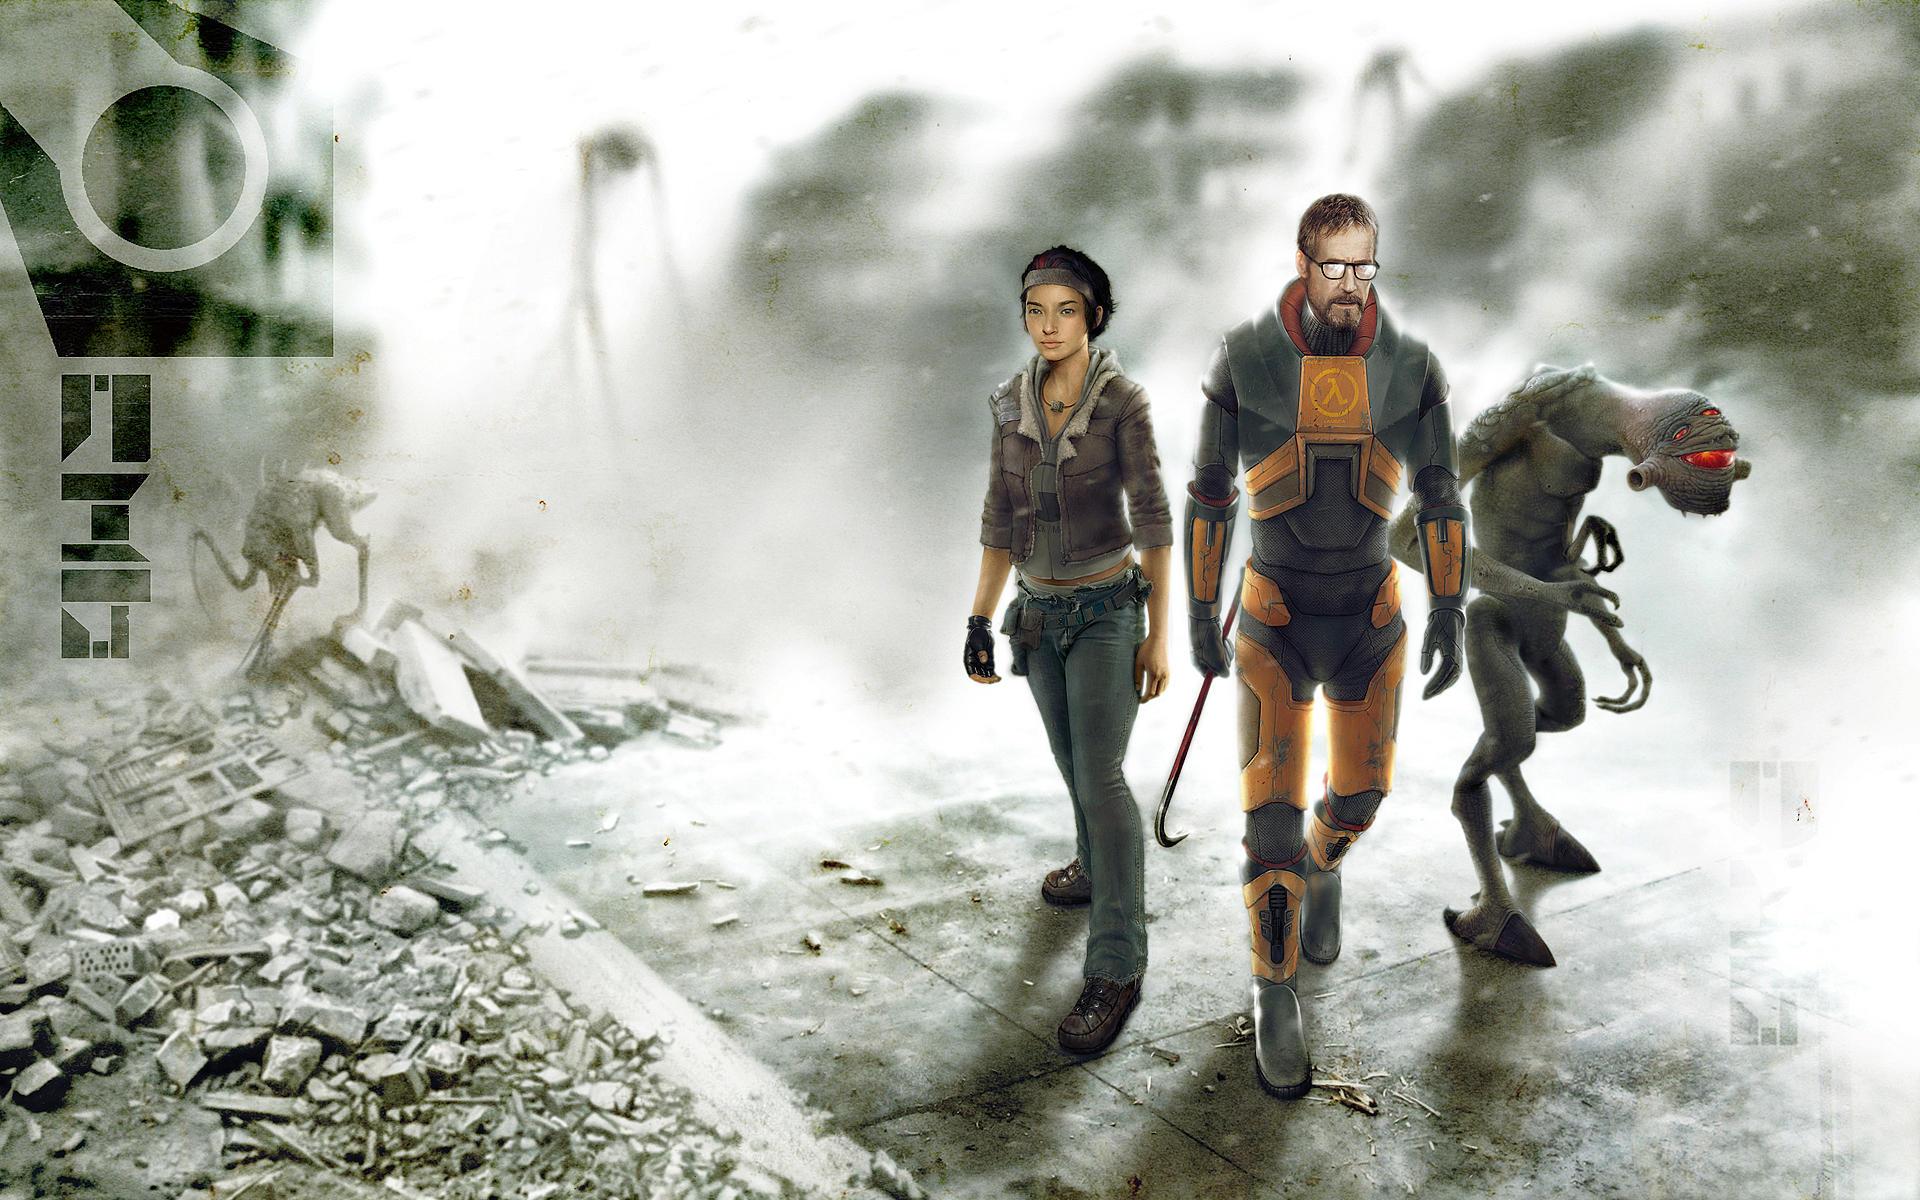 Half-Life 2_adepted by WillhelmKranz